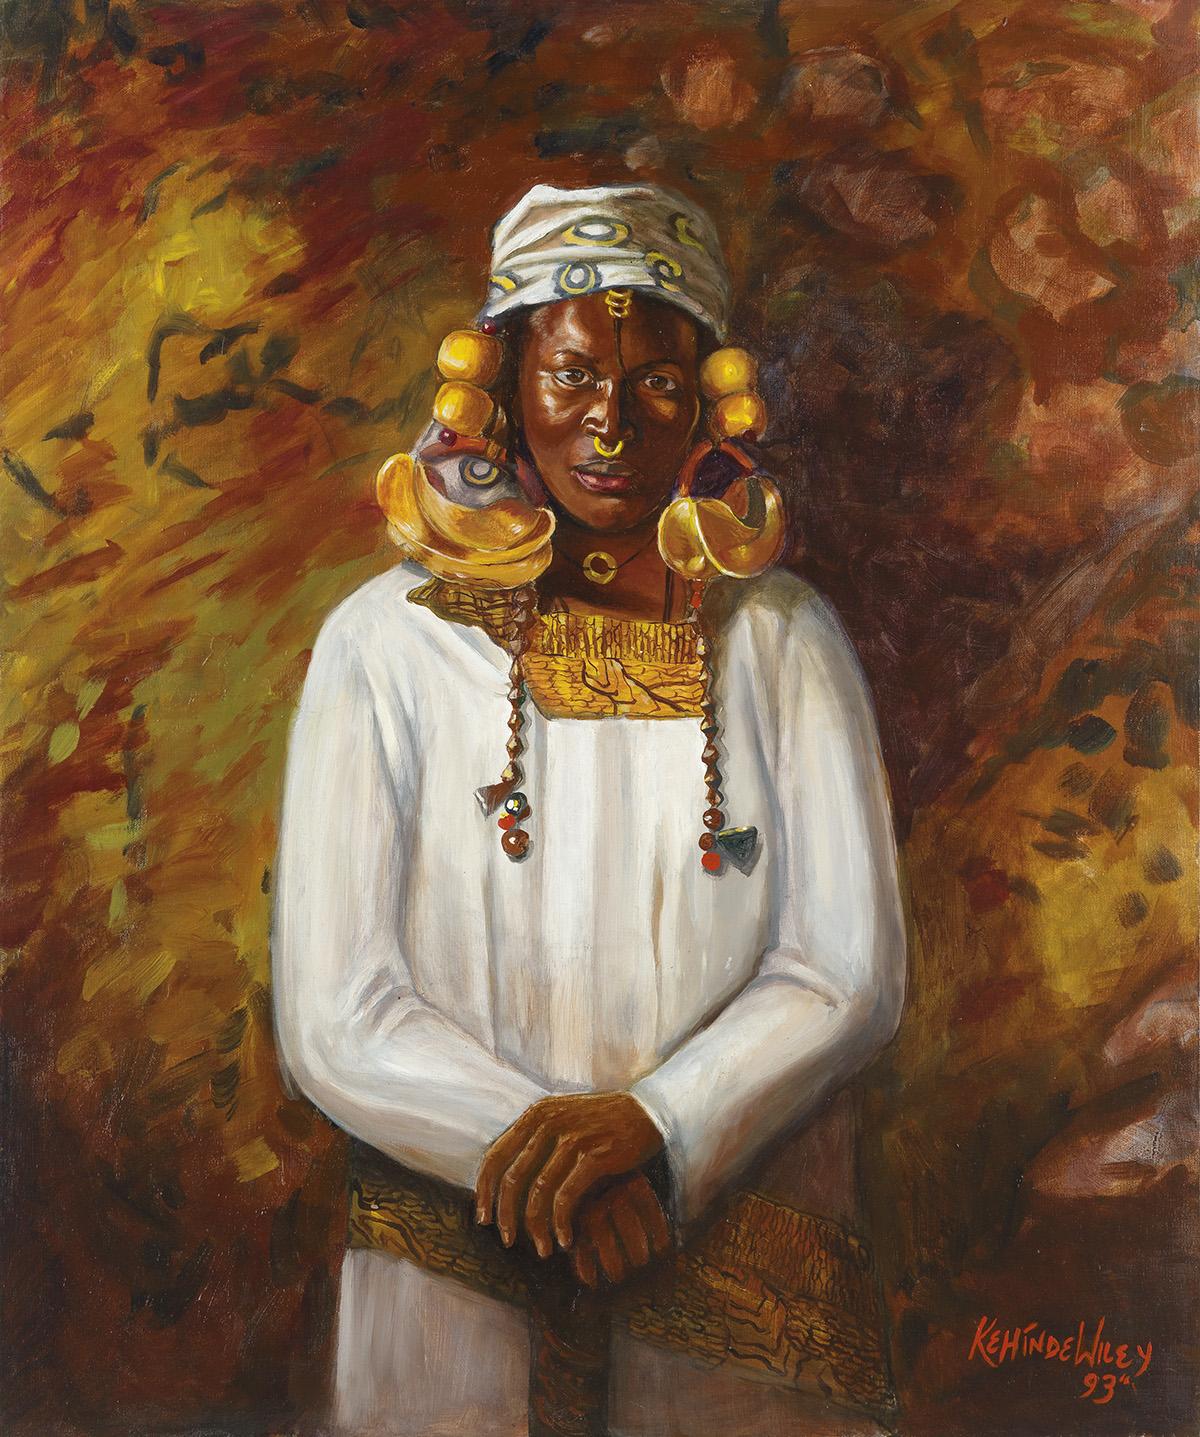 KEHINDE WILEY (1977 -  ) Untitled (Fulani).